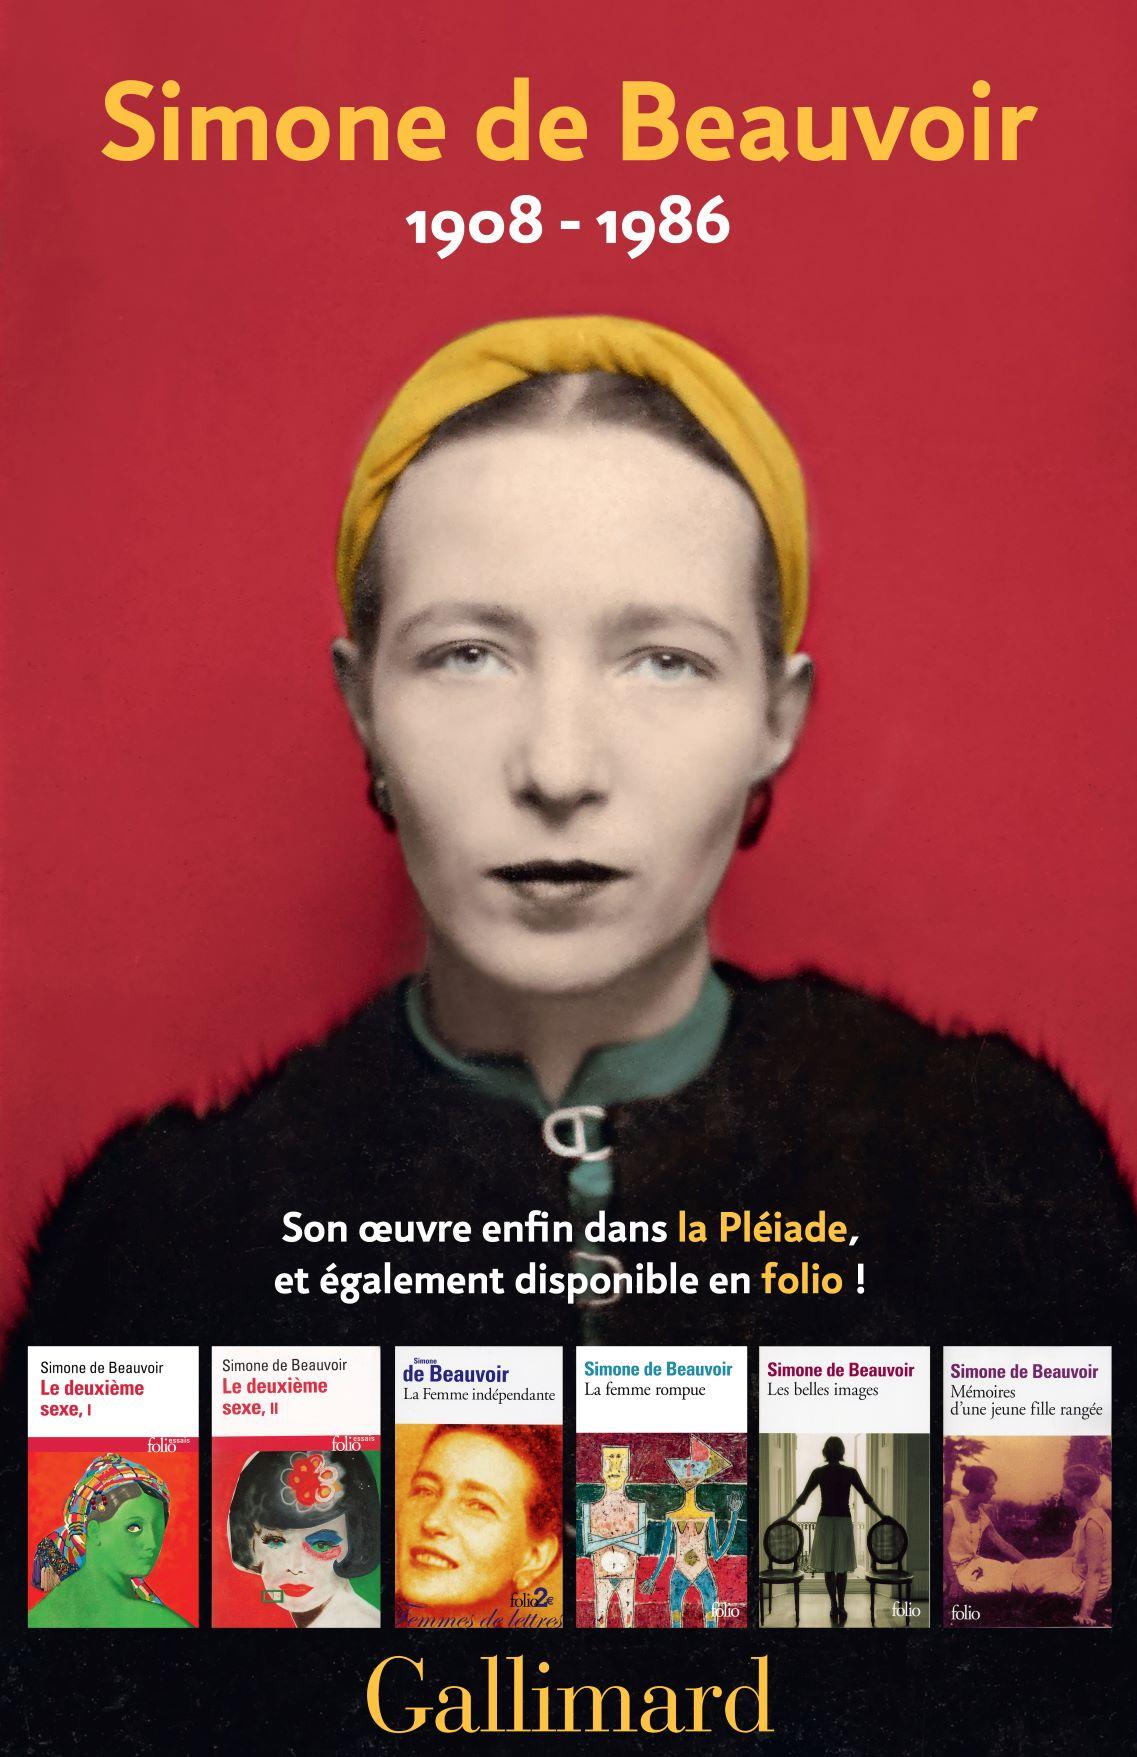 Simone de Beauvoir entre dans la Pléiade